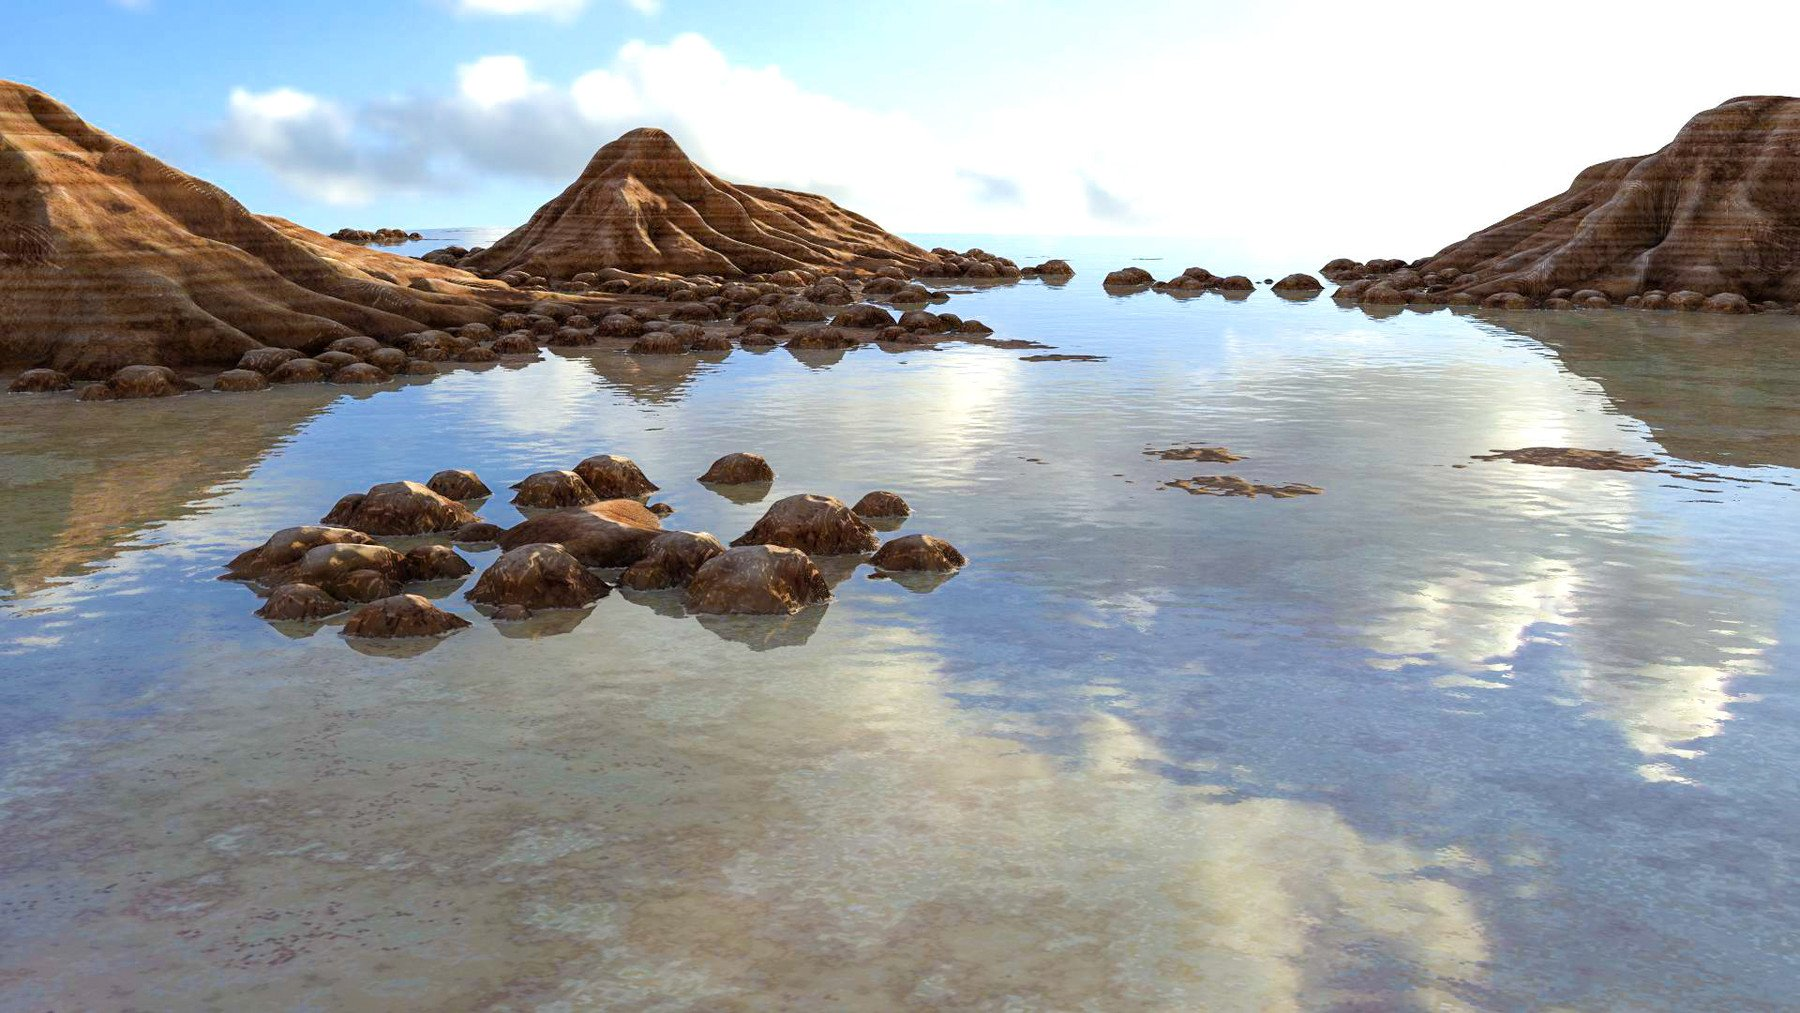 rocky islands jot a calm watery horizon